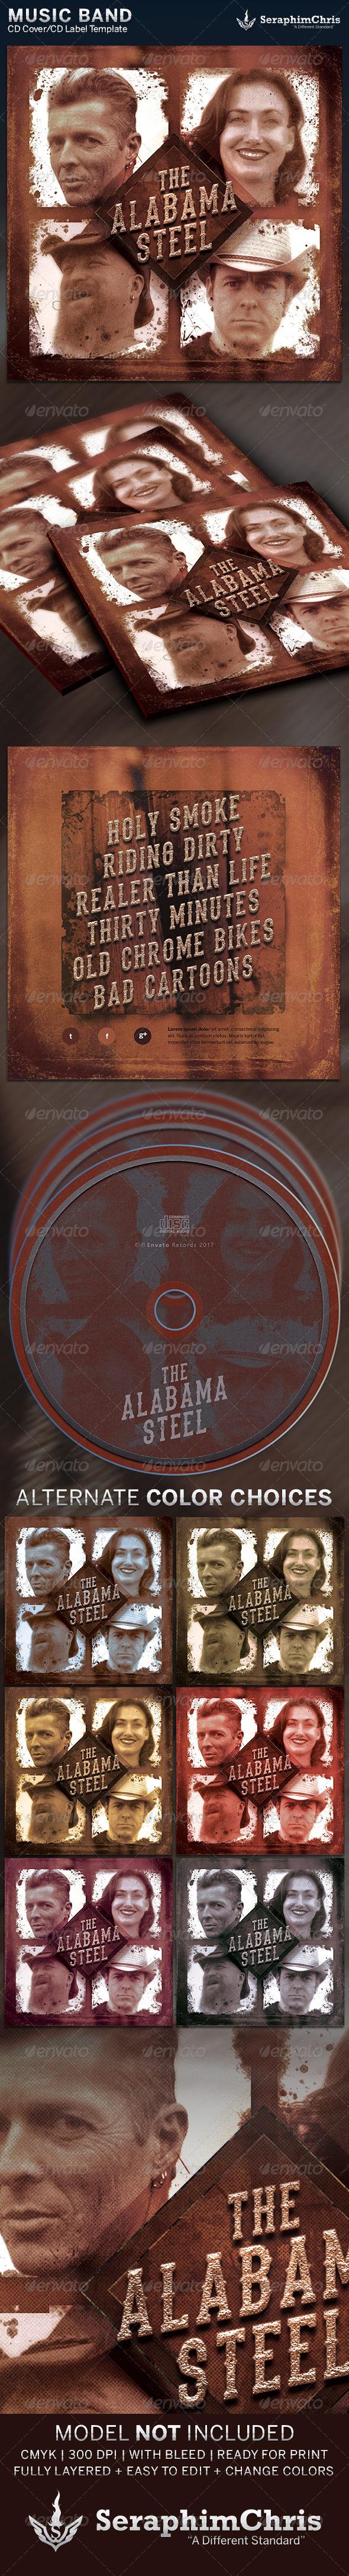 Rustic CD Cover Artwork Template - CD & DVD Artwork Print Templates